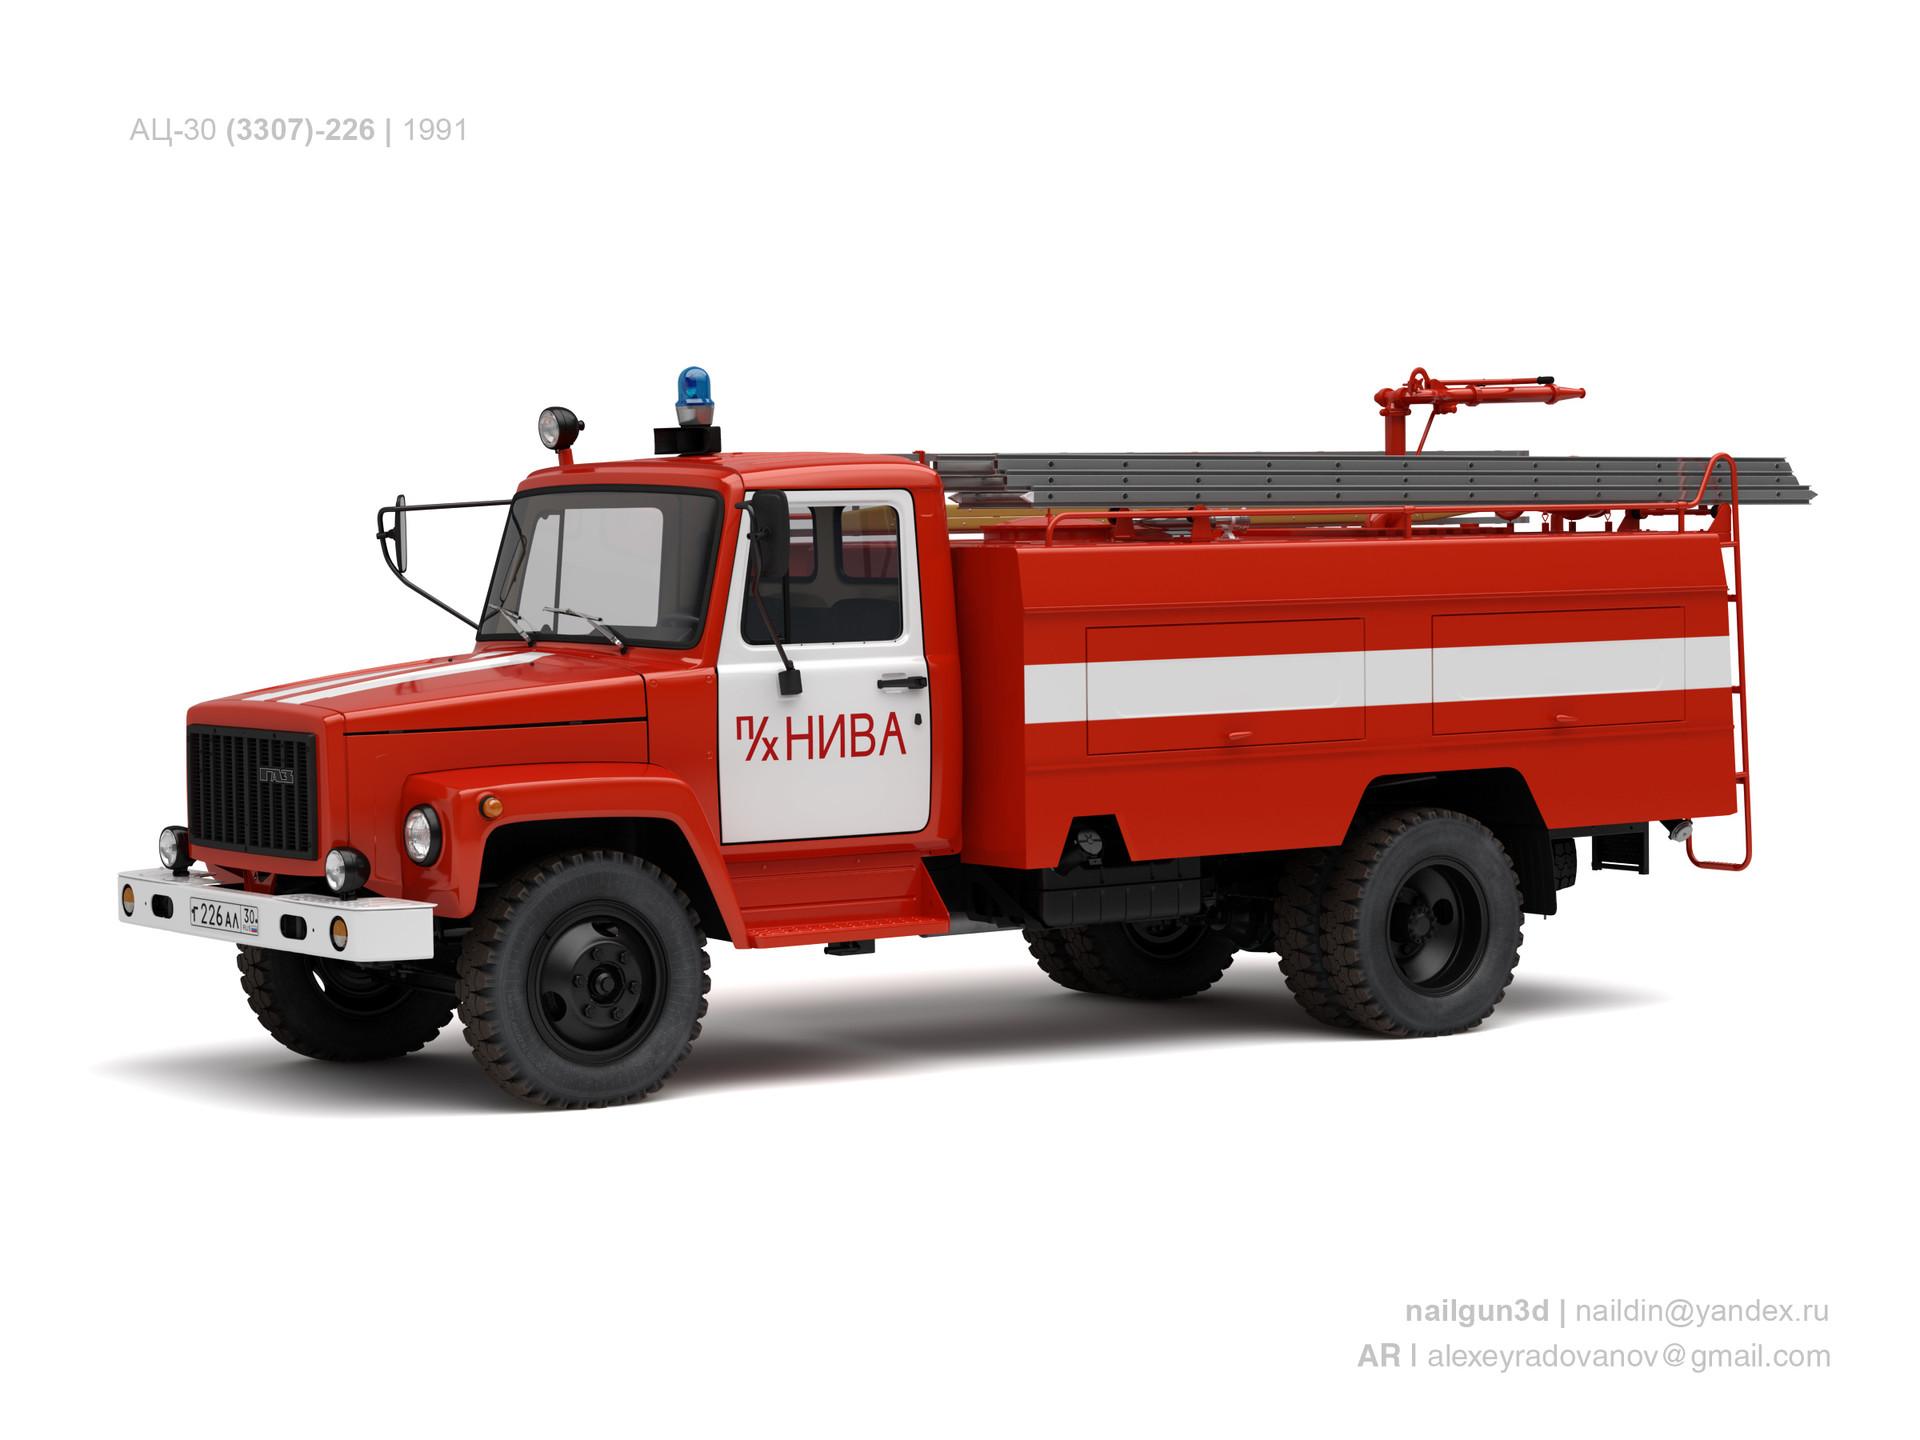 Nail khusnutdinov ussr gaz russia ac 30 3307 226 1991 0